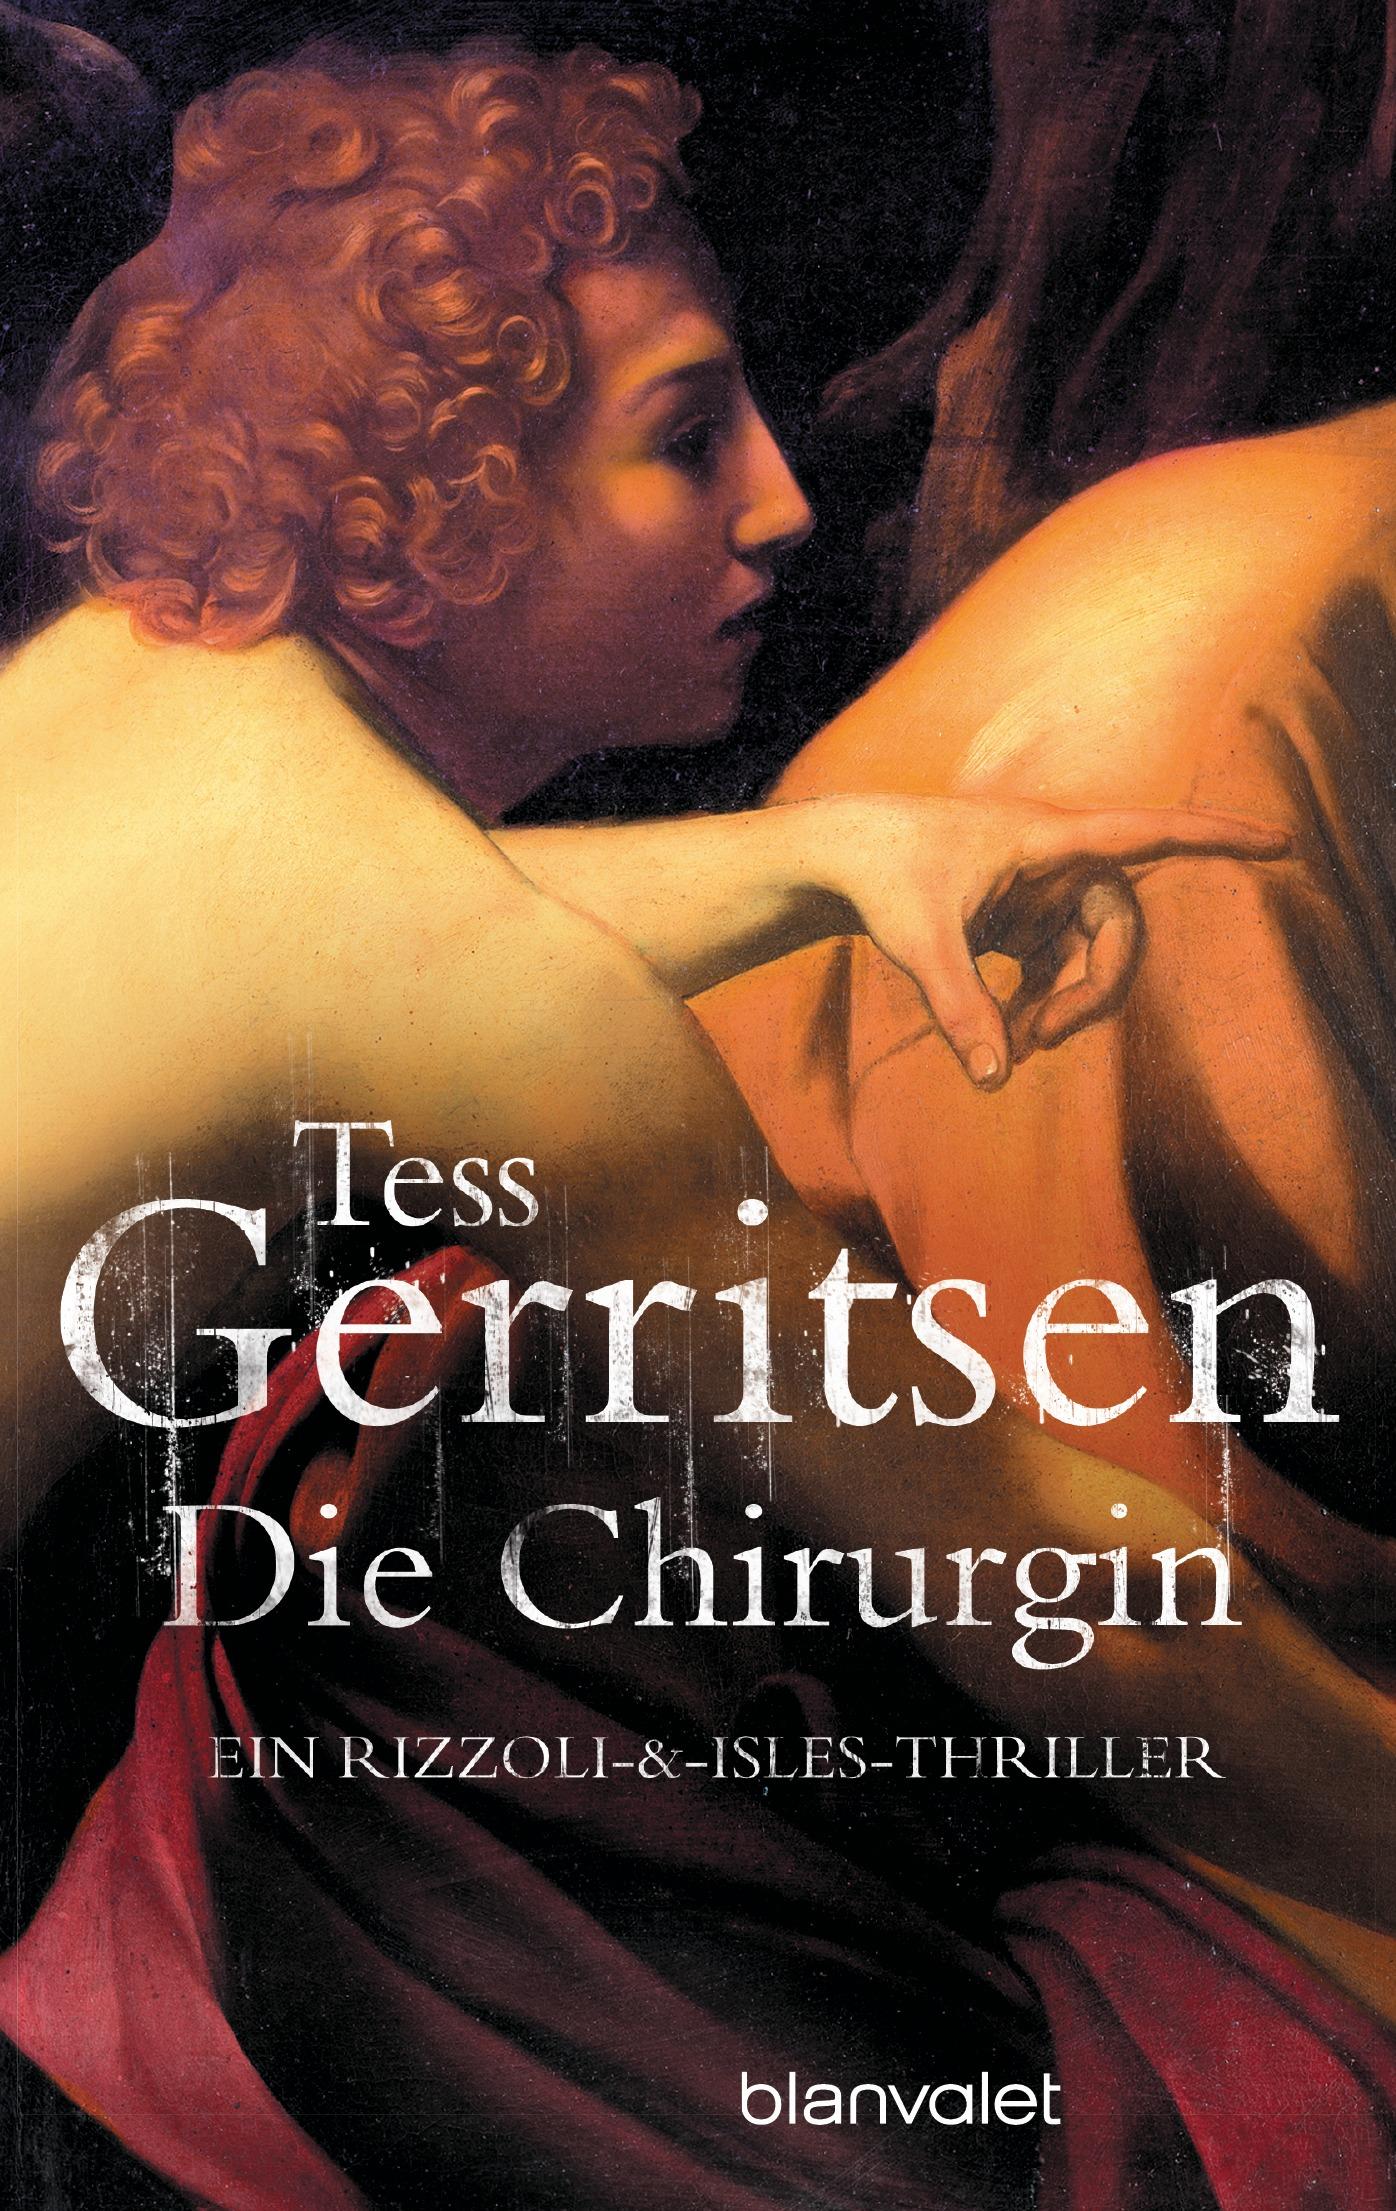 Die Chirurgin - Tess Gerritsen